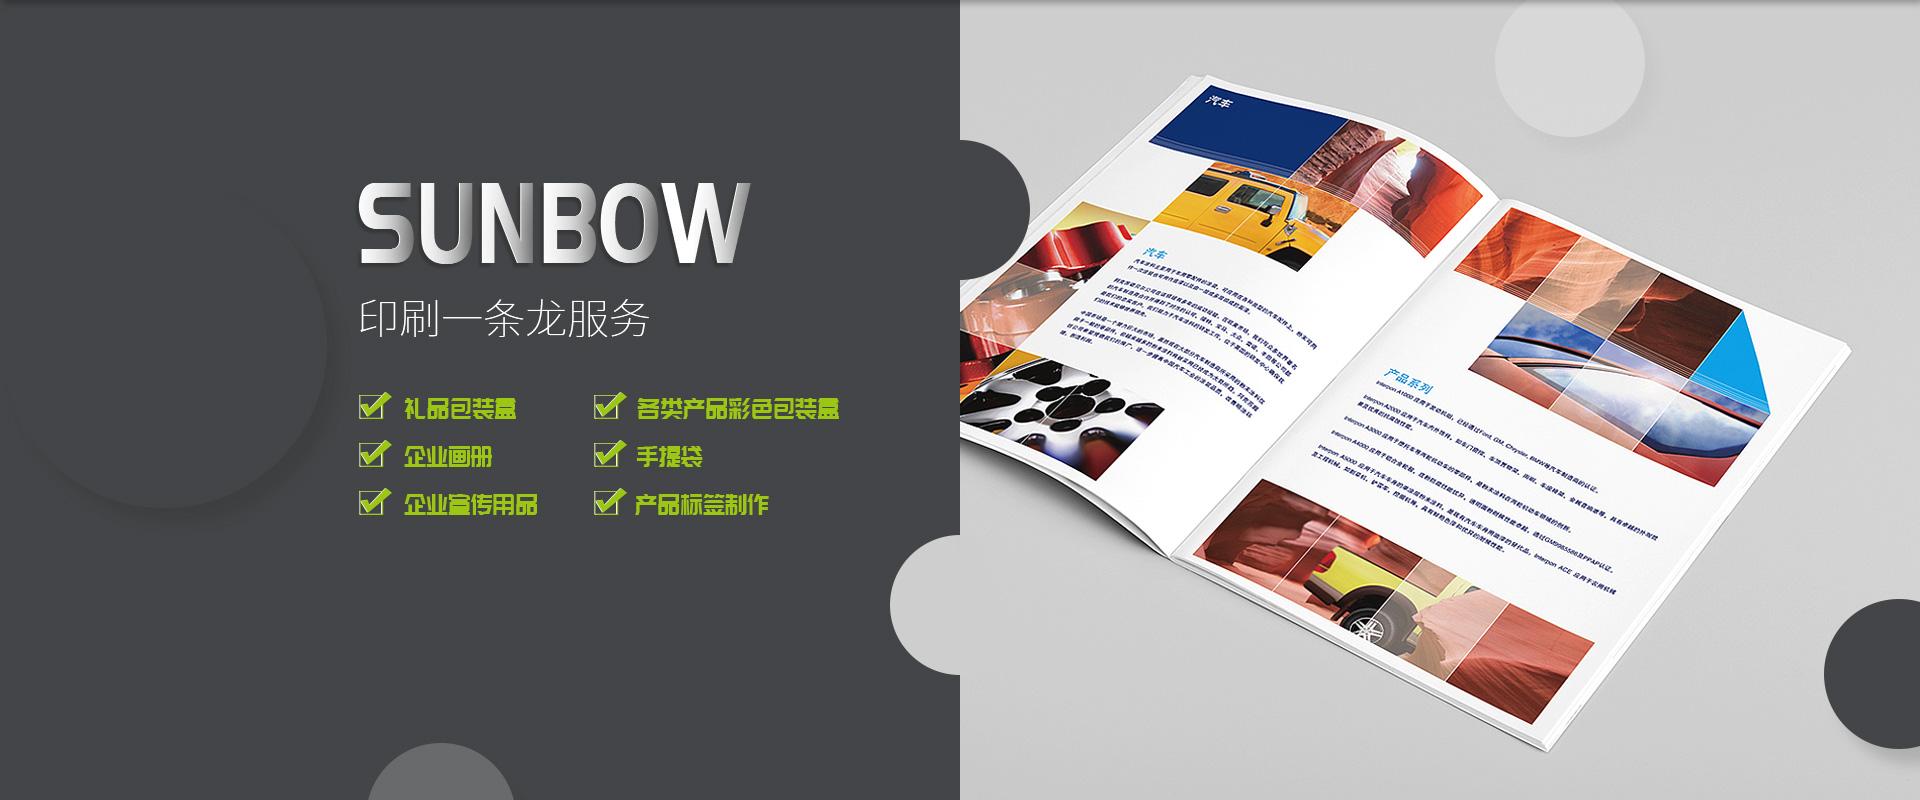 纸盒印刷,企业画册印刷